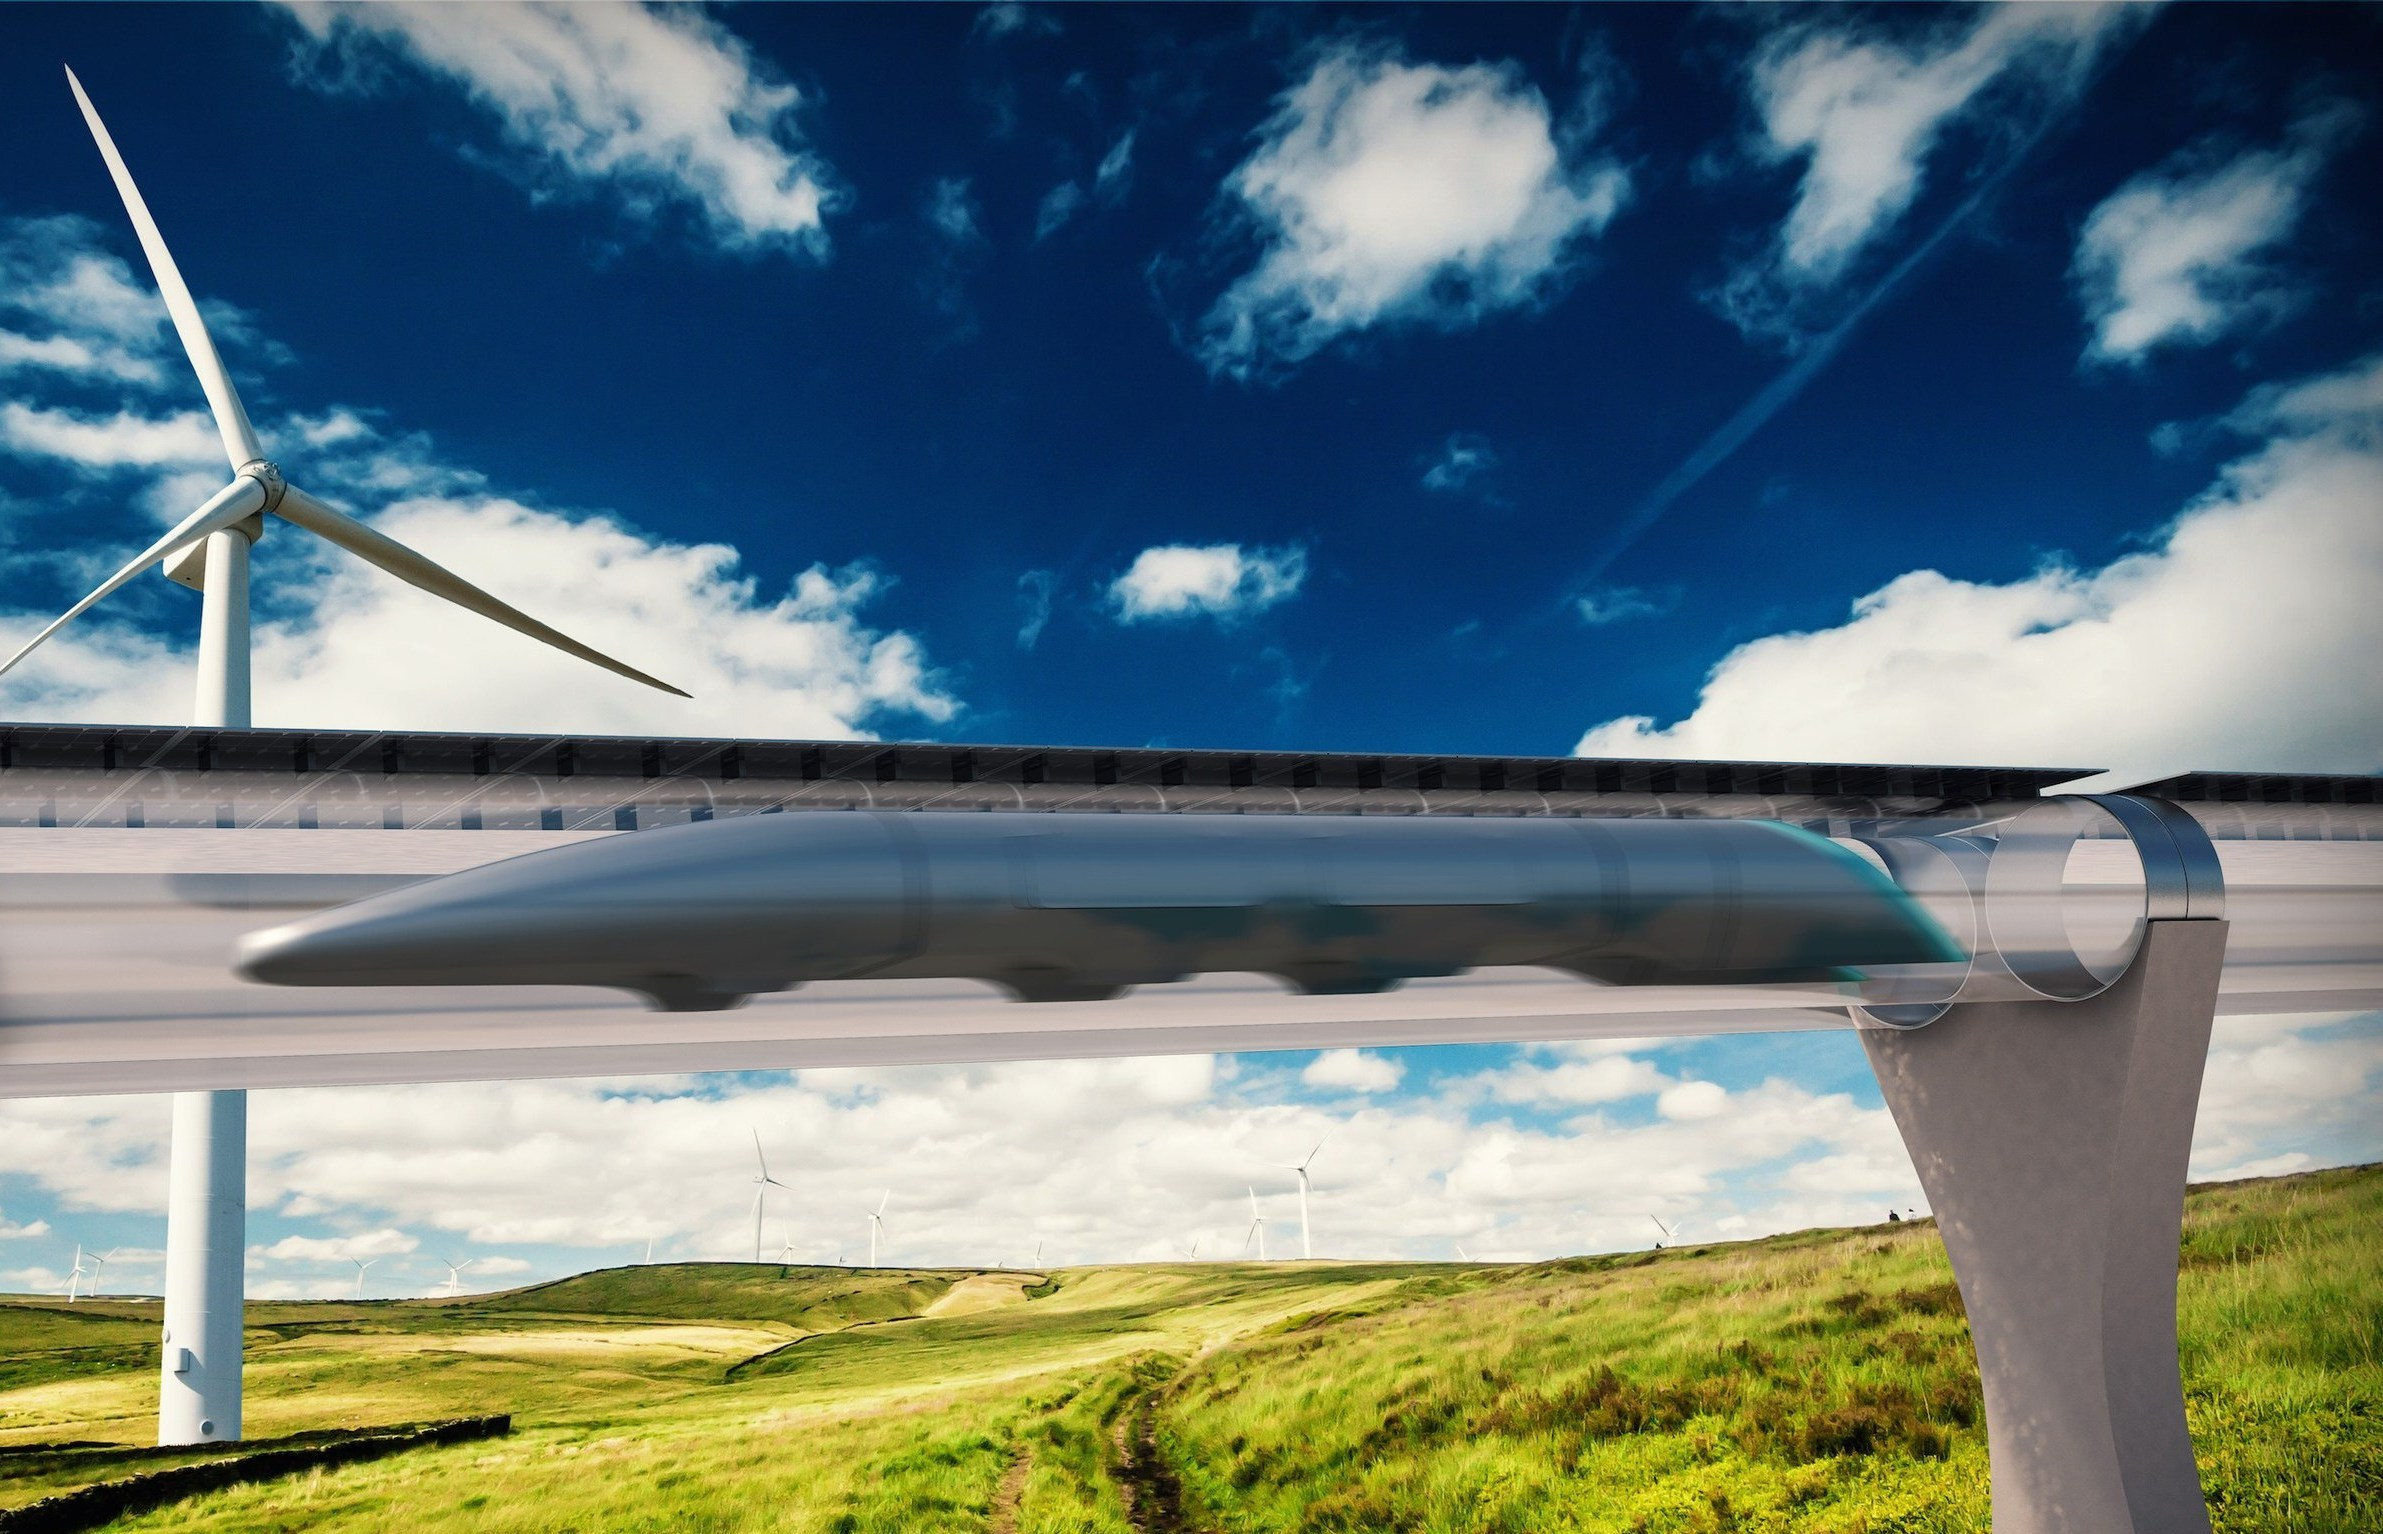 Перспективы развития вакуумной транспортной системы Hyperloop